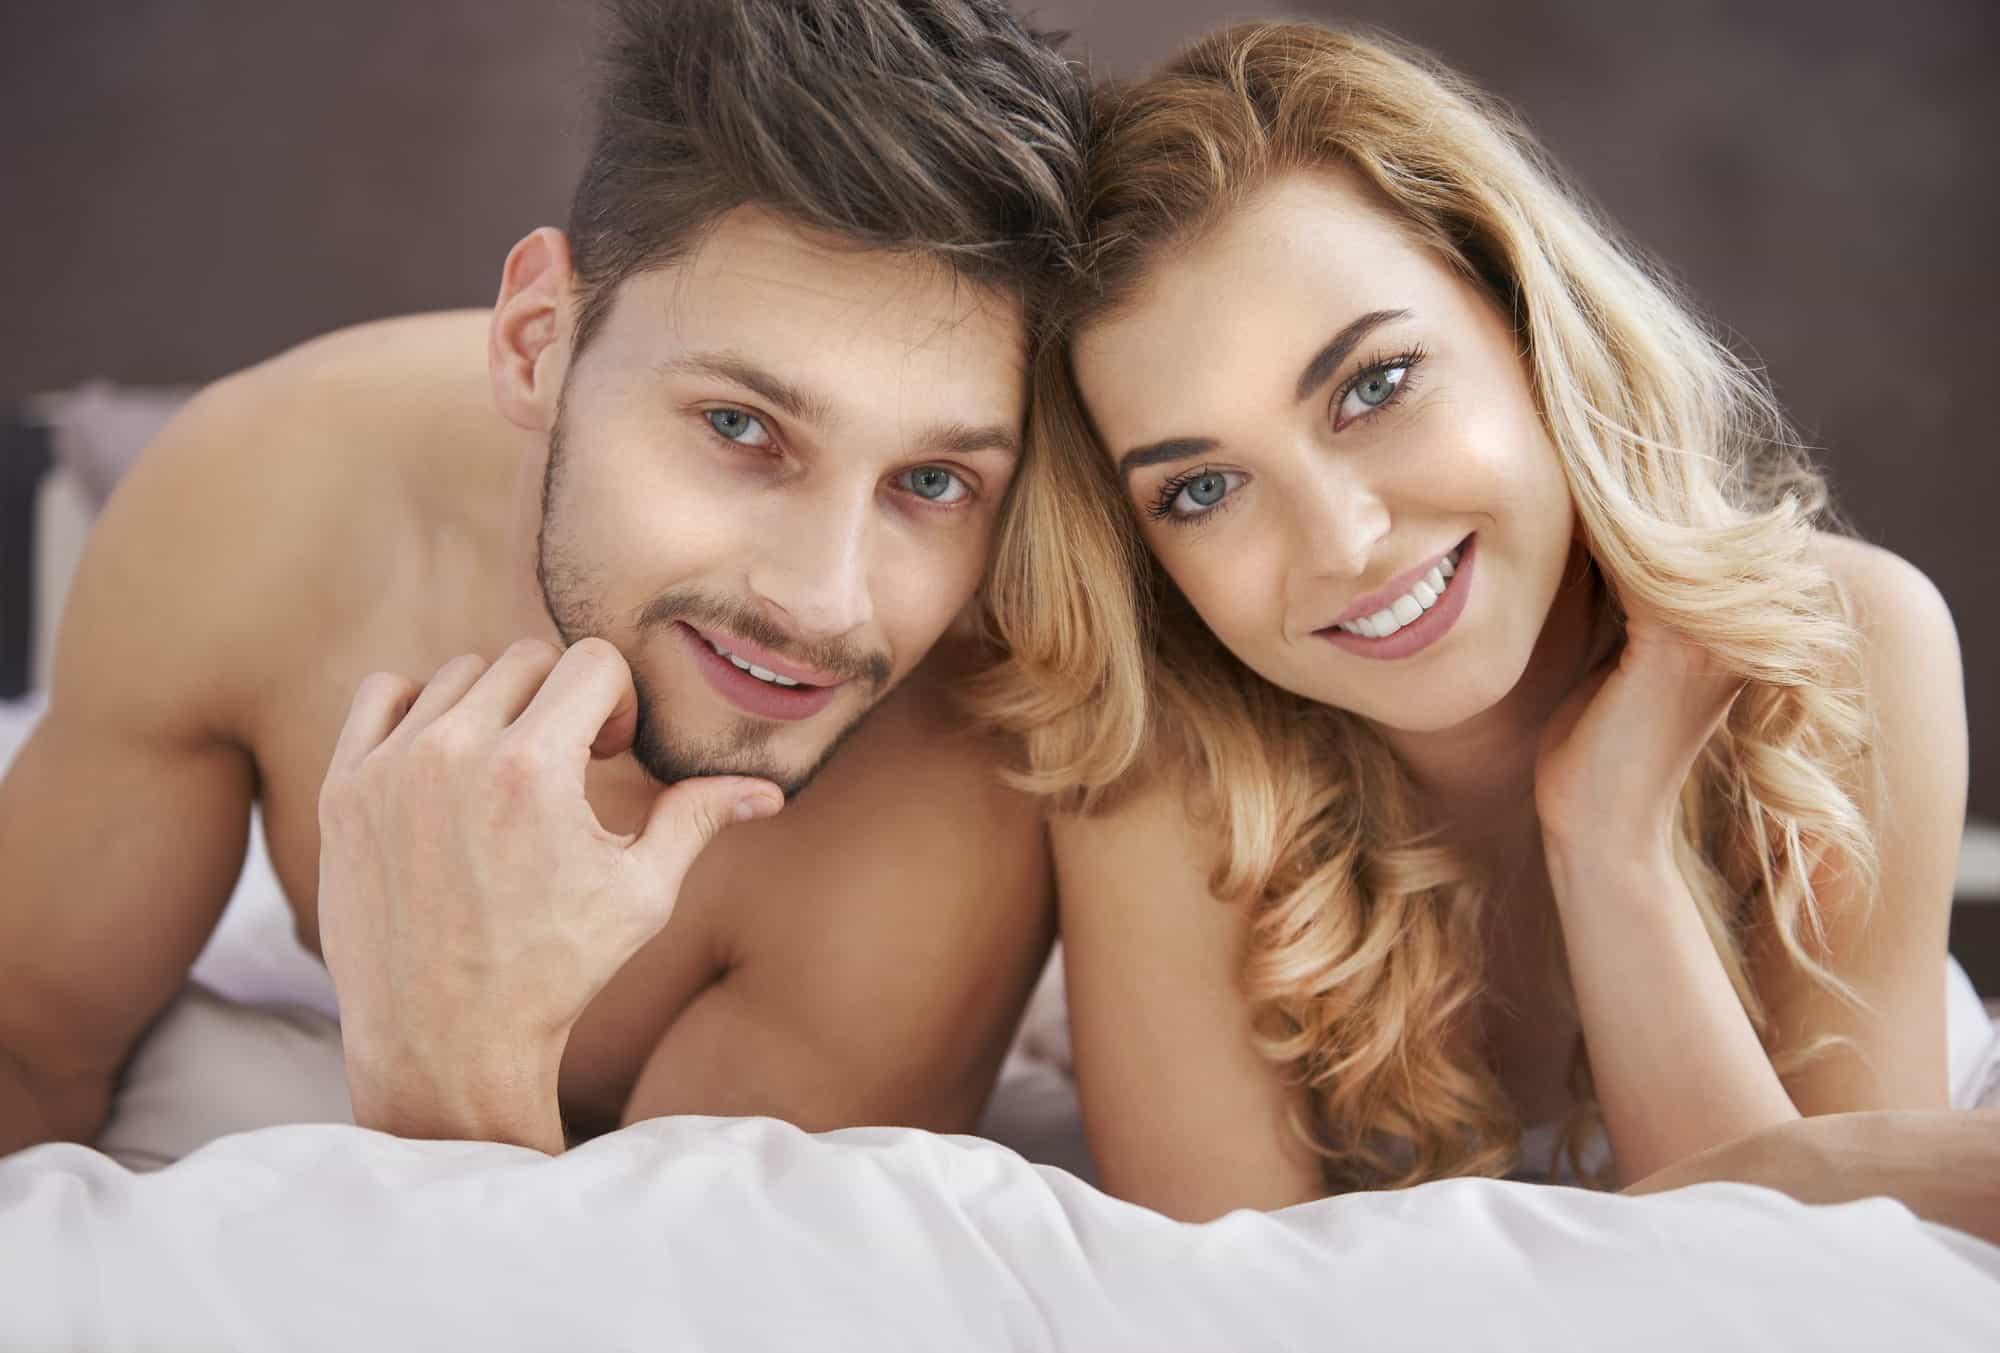 méditation tantrique pour sublimer le plaisir en couple